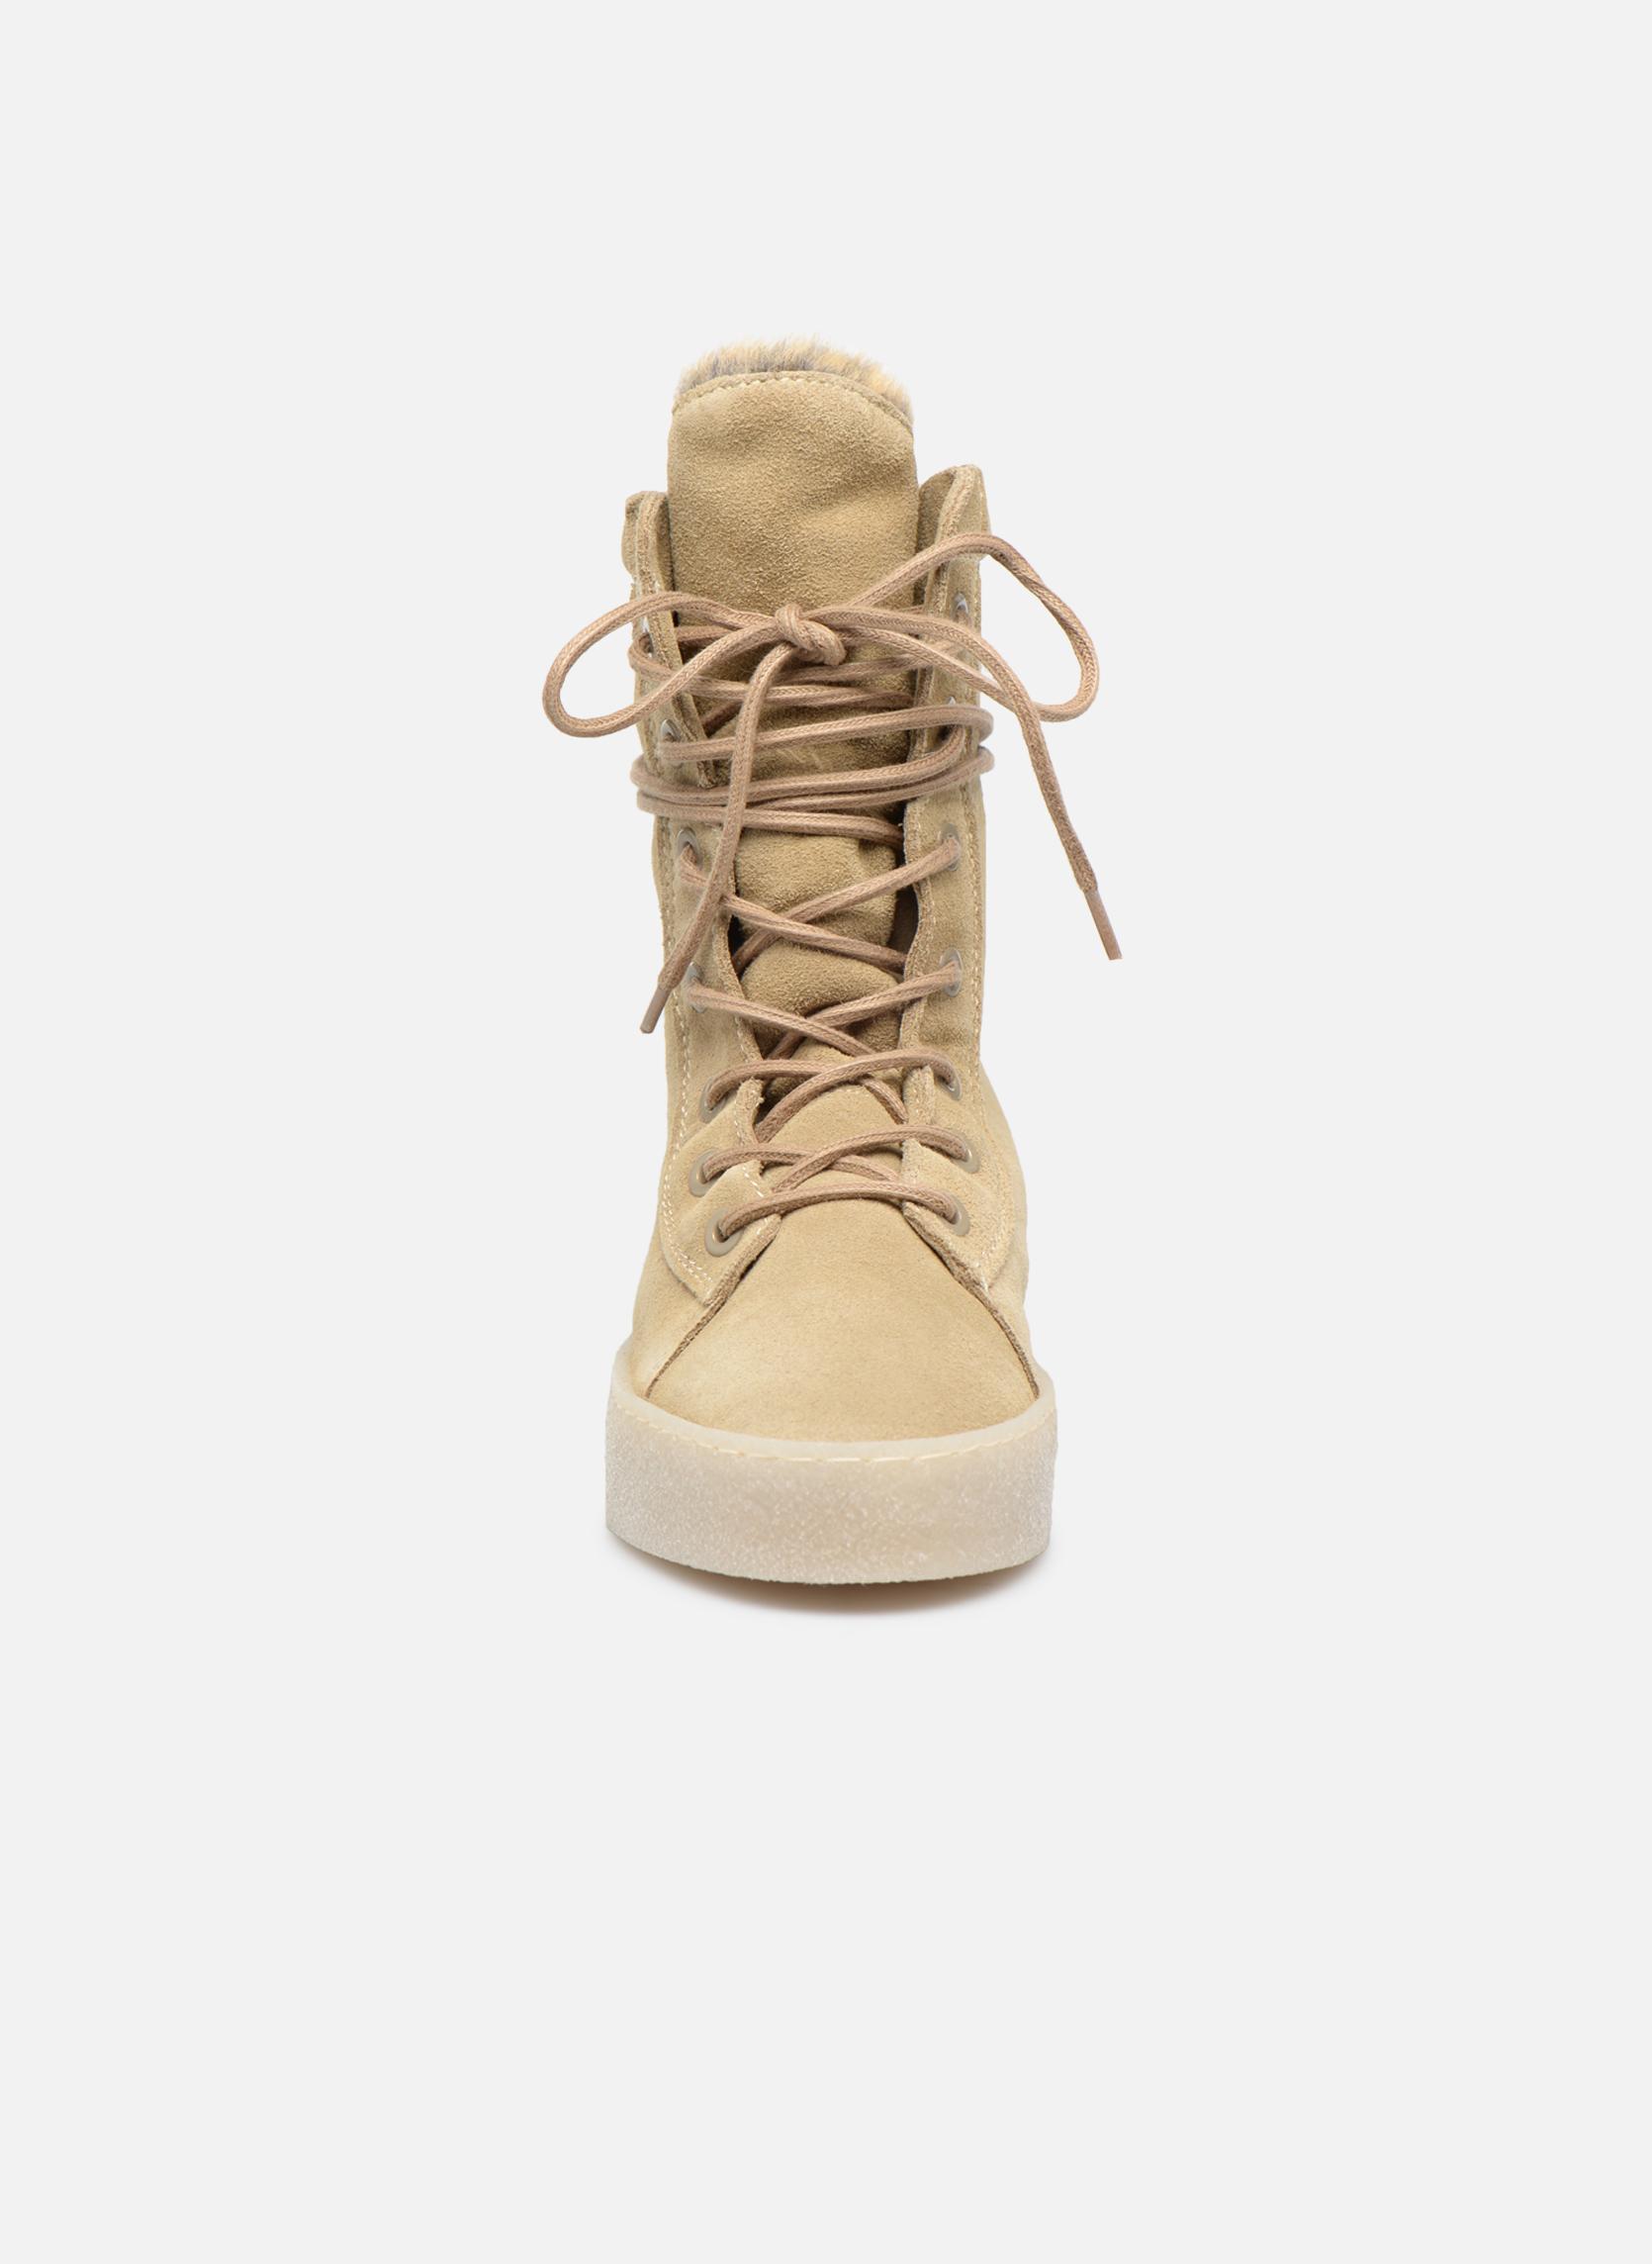 Bsillax Camel beige